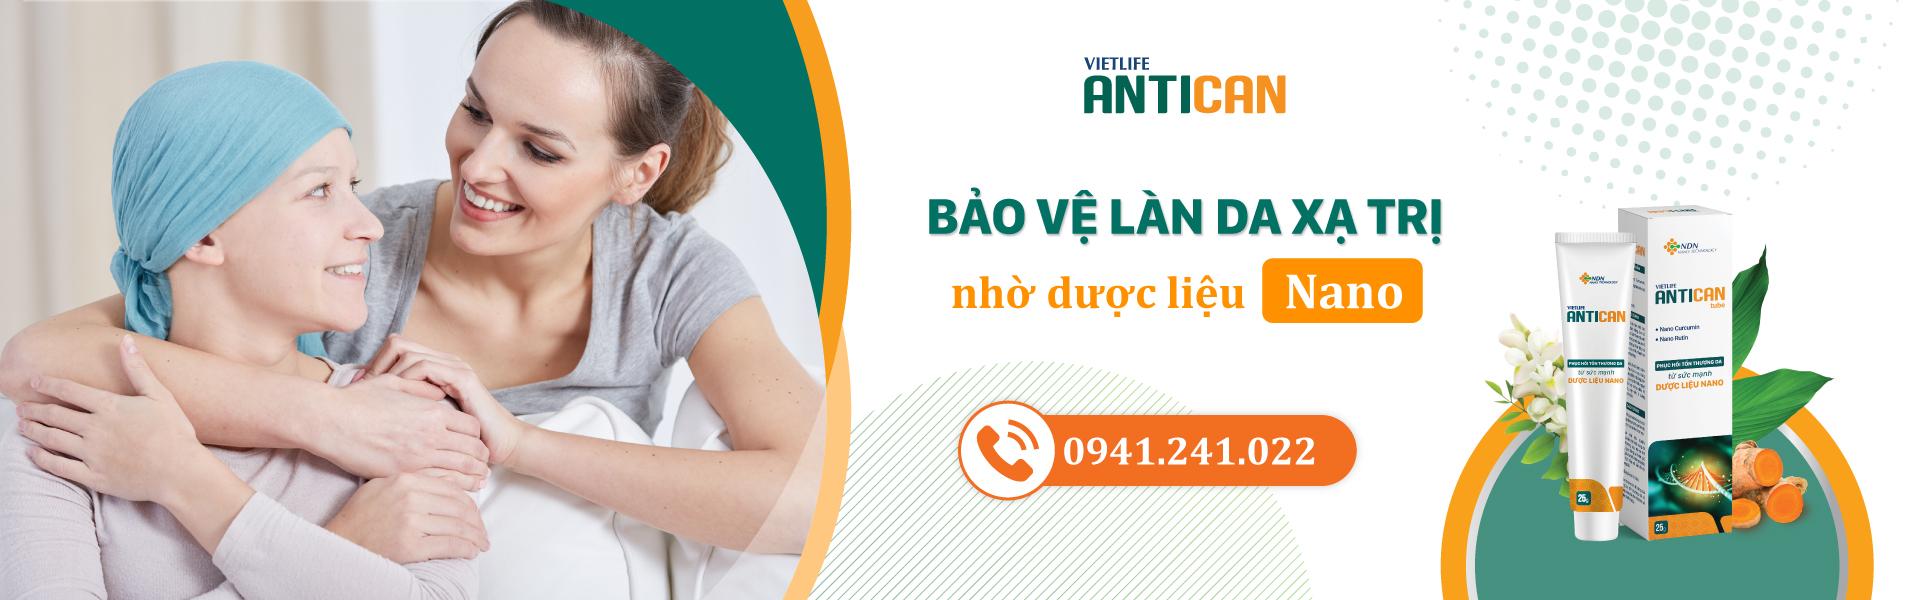 banner-web-Antican02